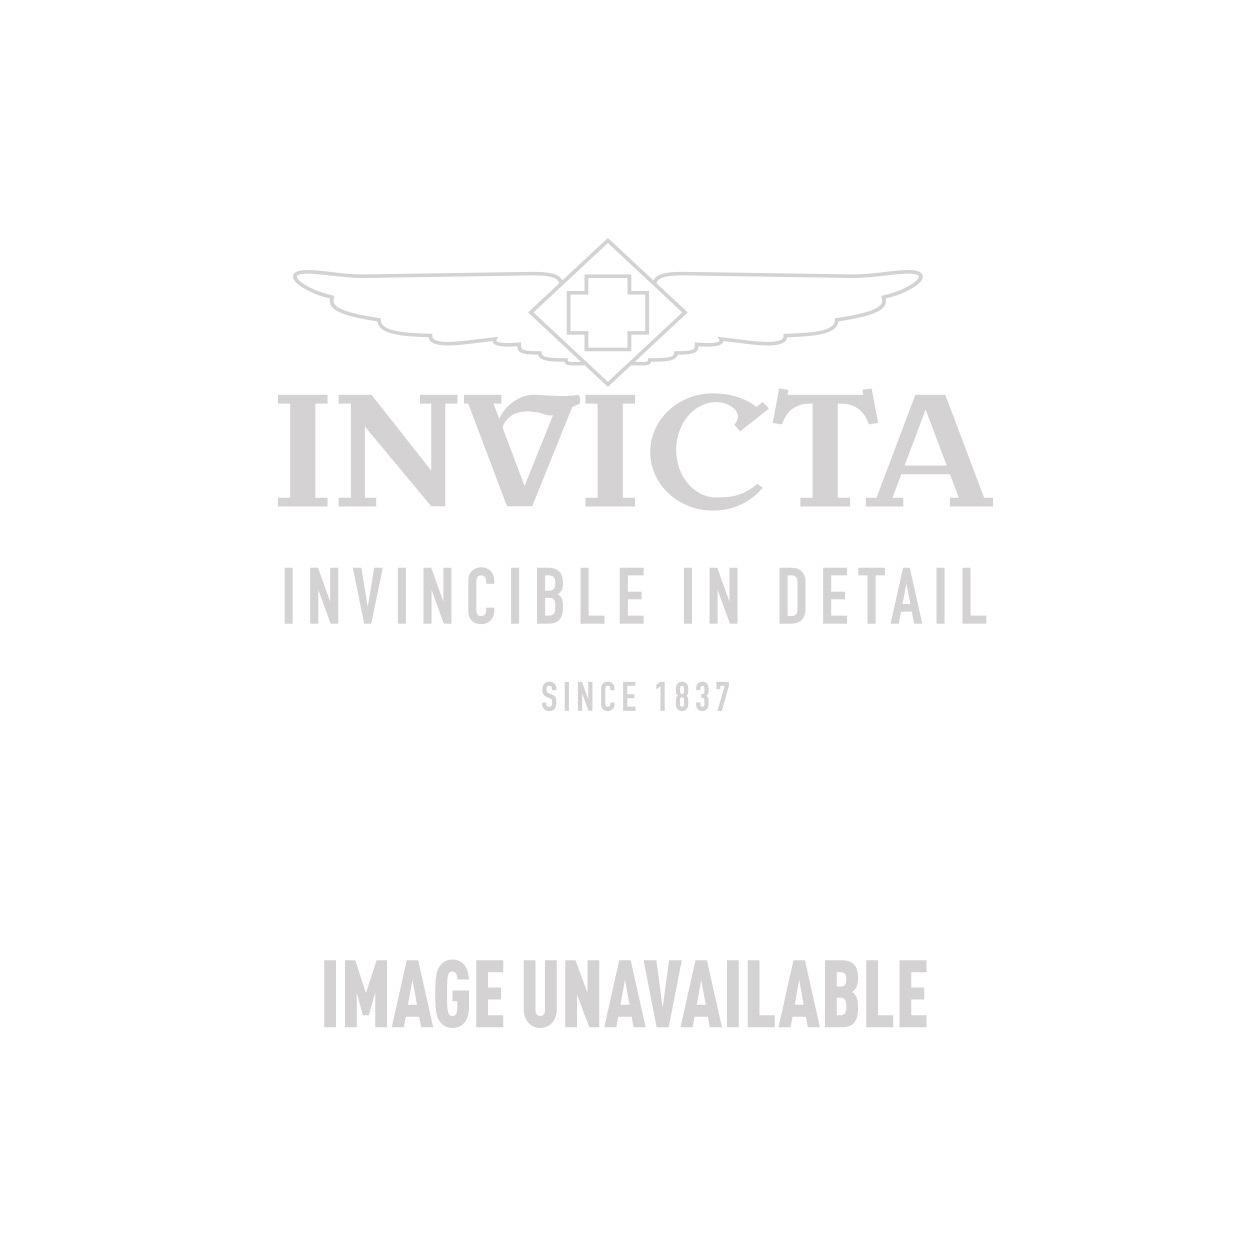 Invicta Model 22230